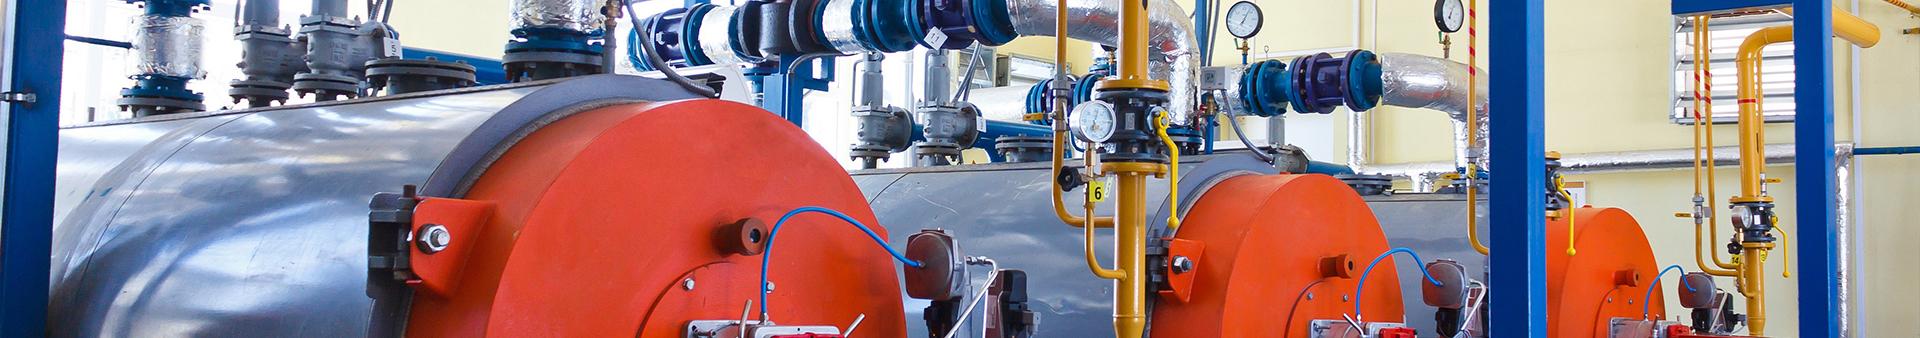 boiler pressure sensor